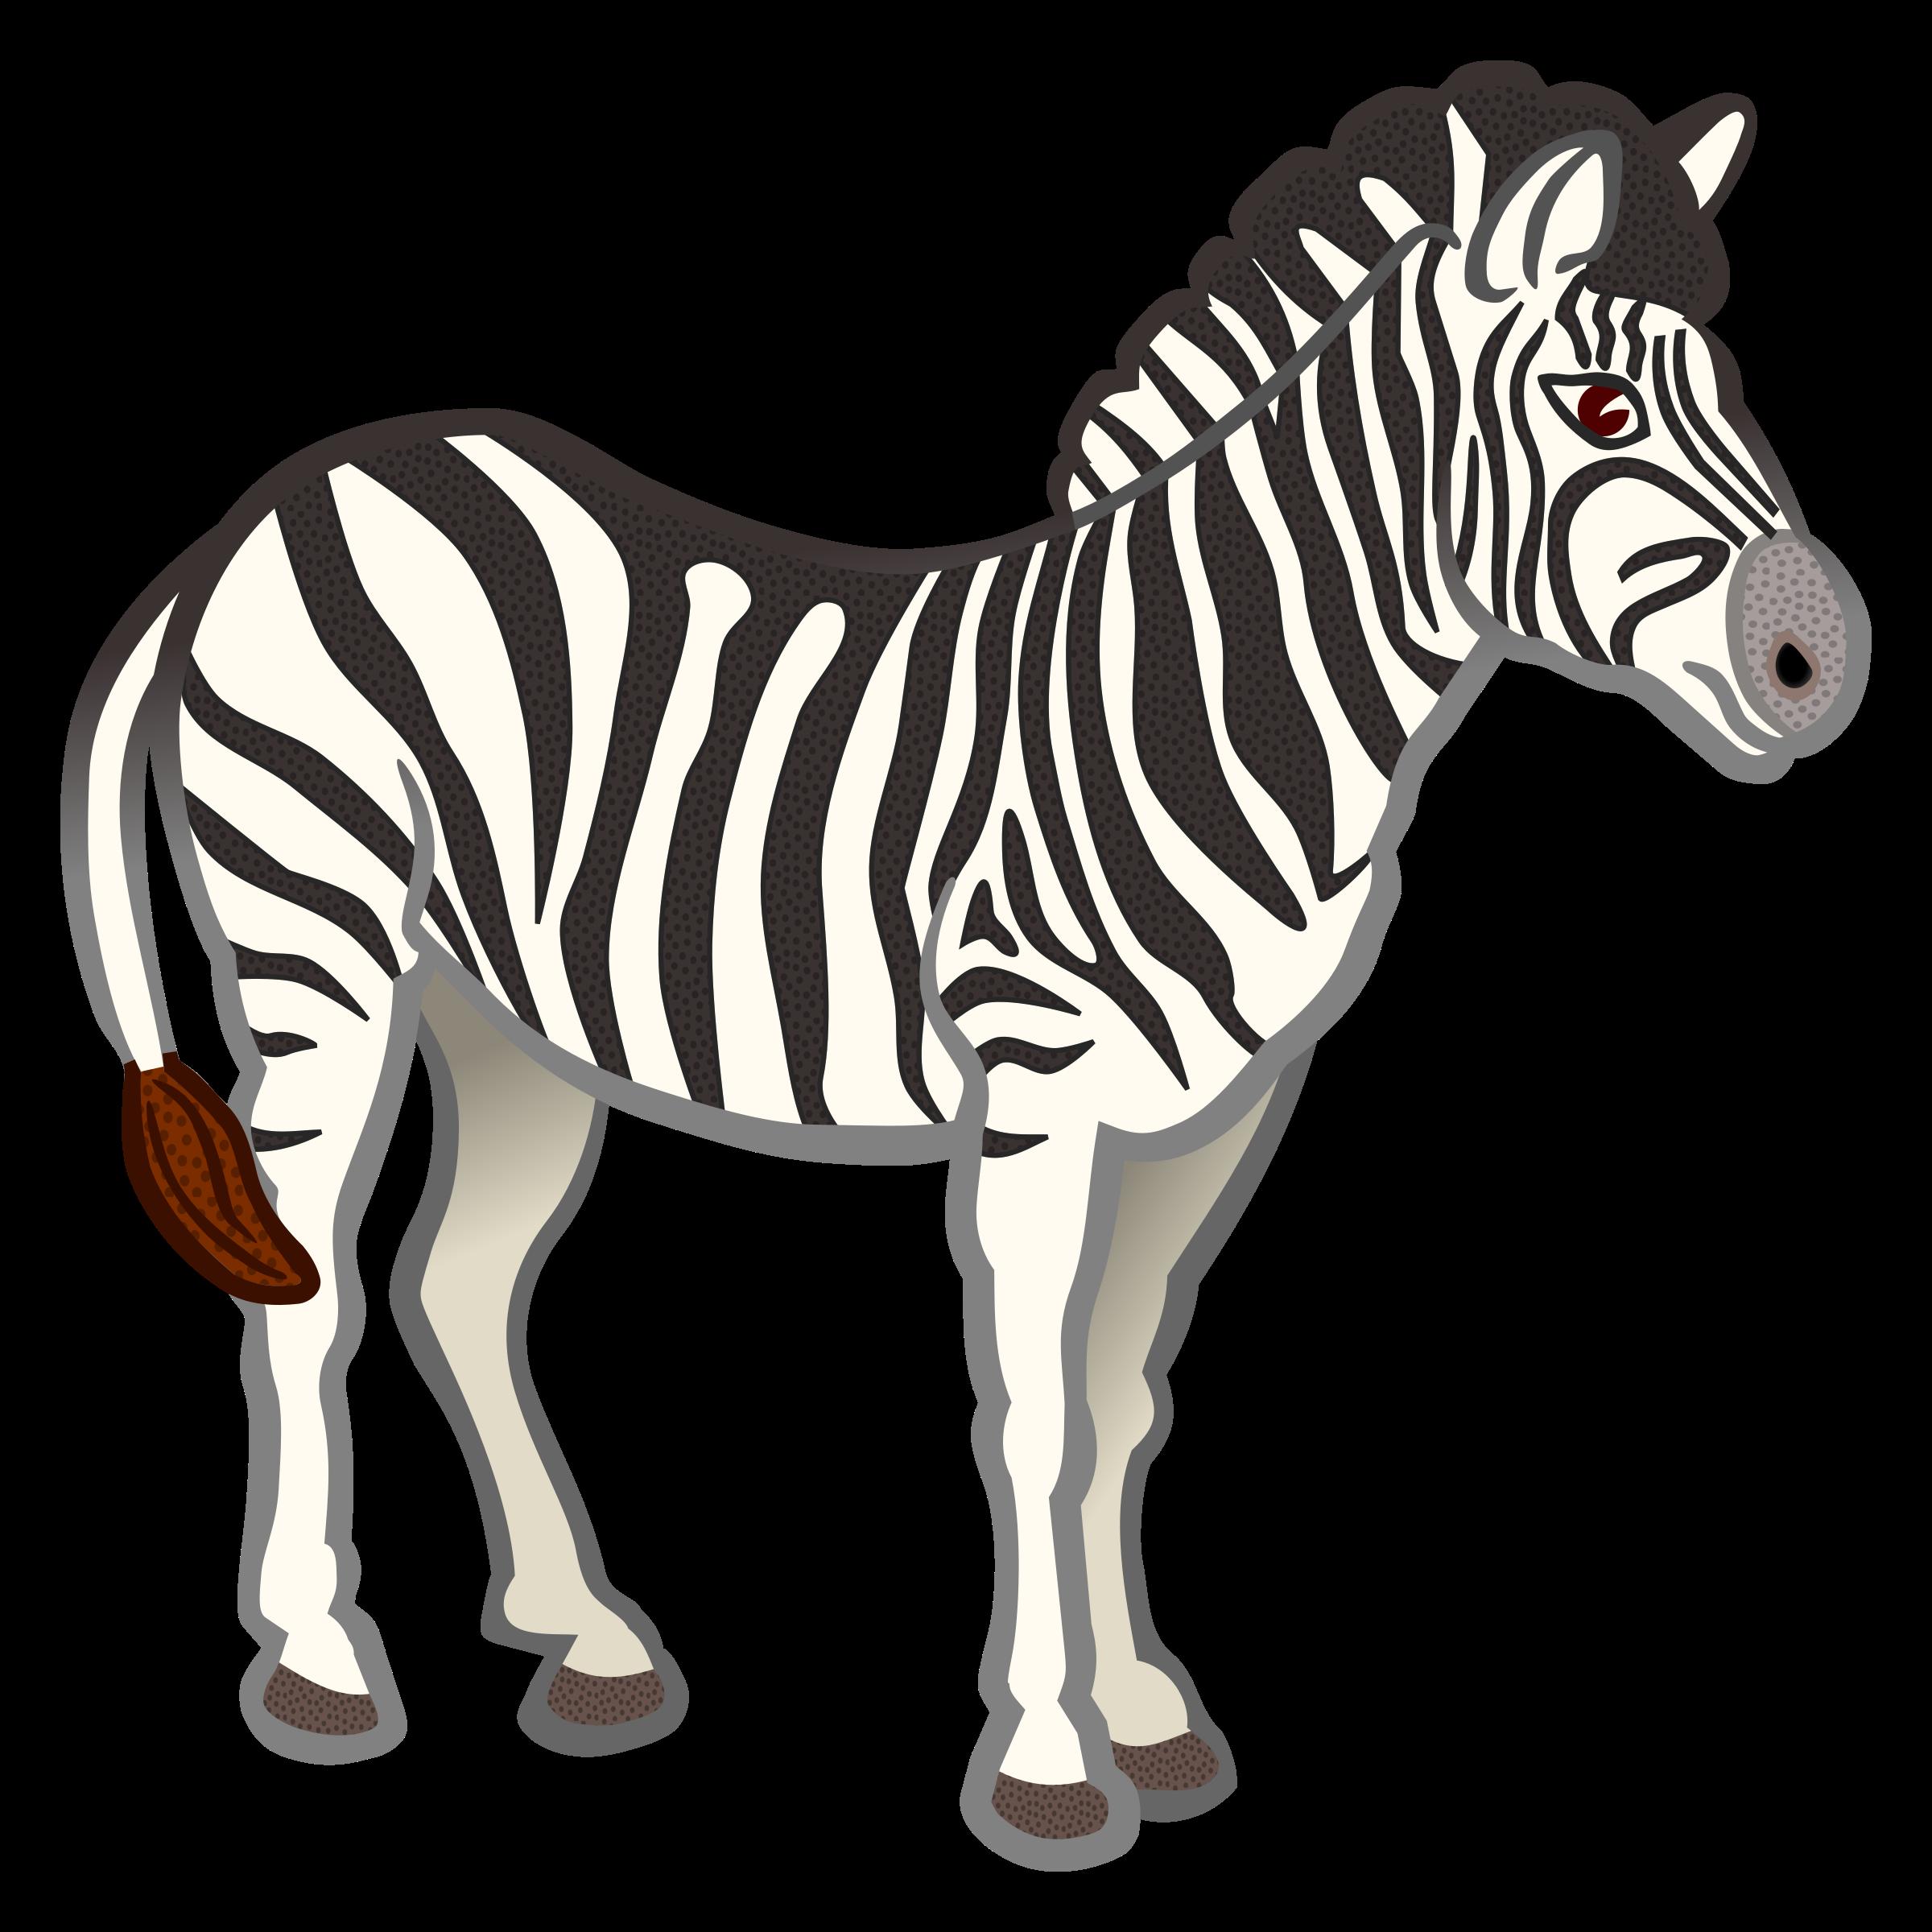 Zebra clip art at vector clip art free image.